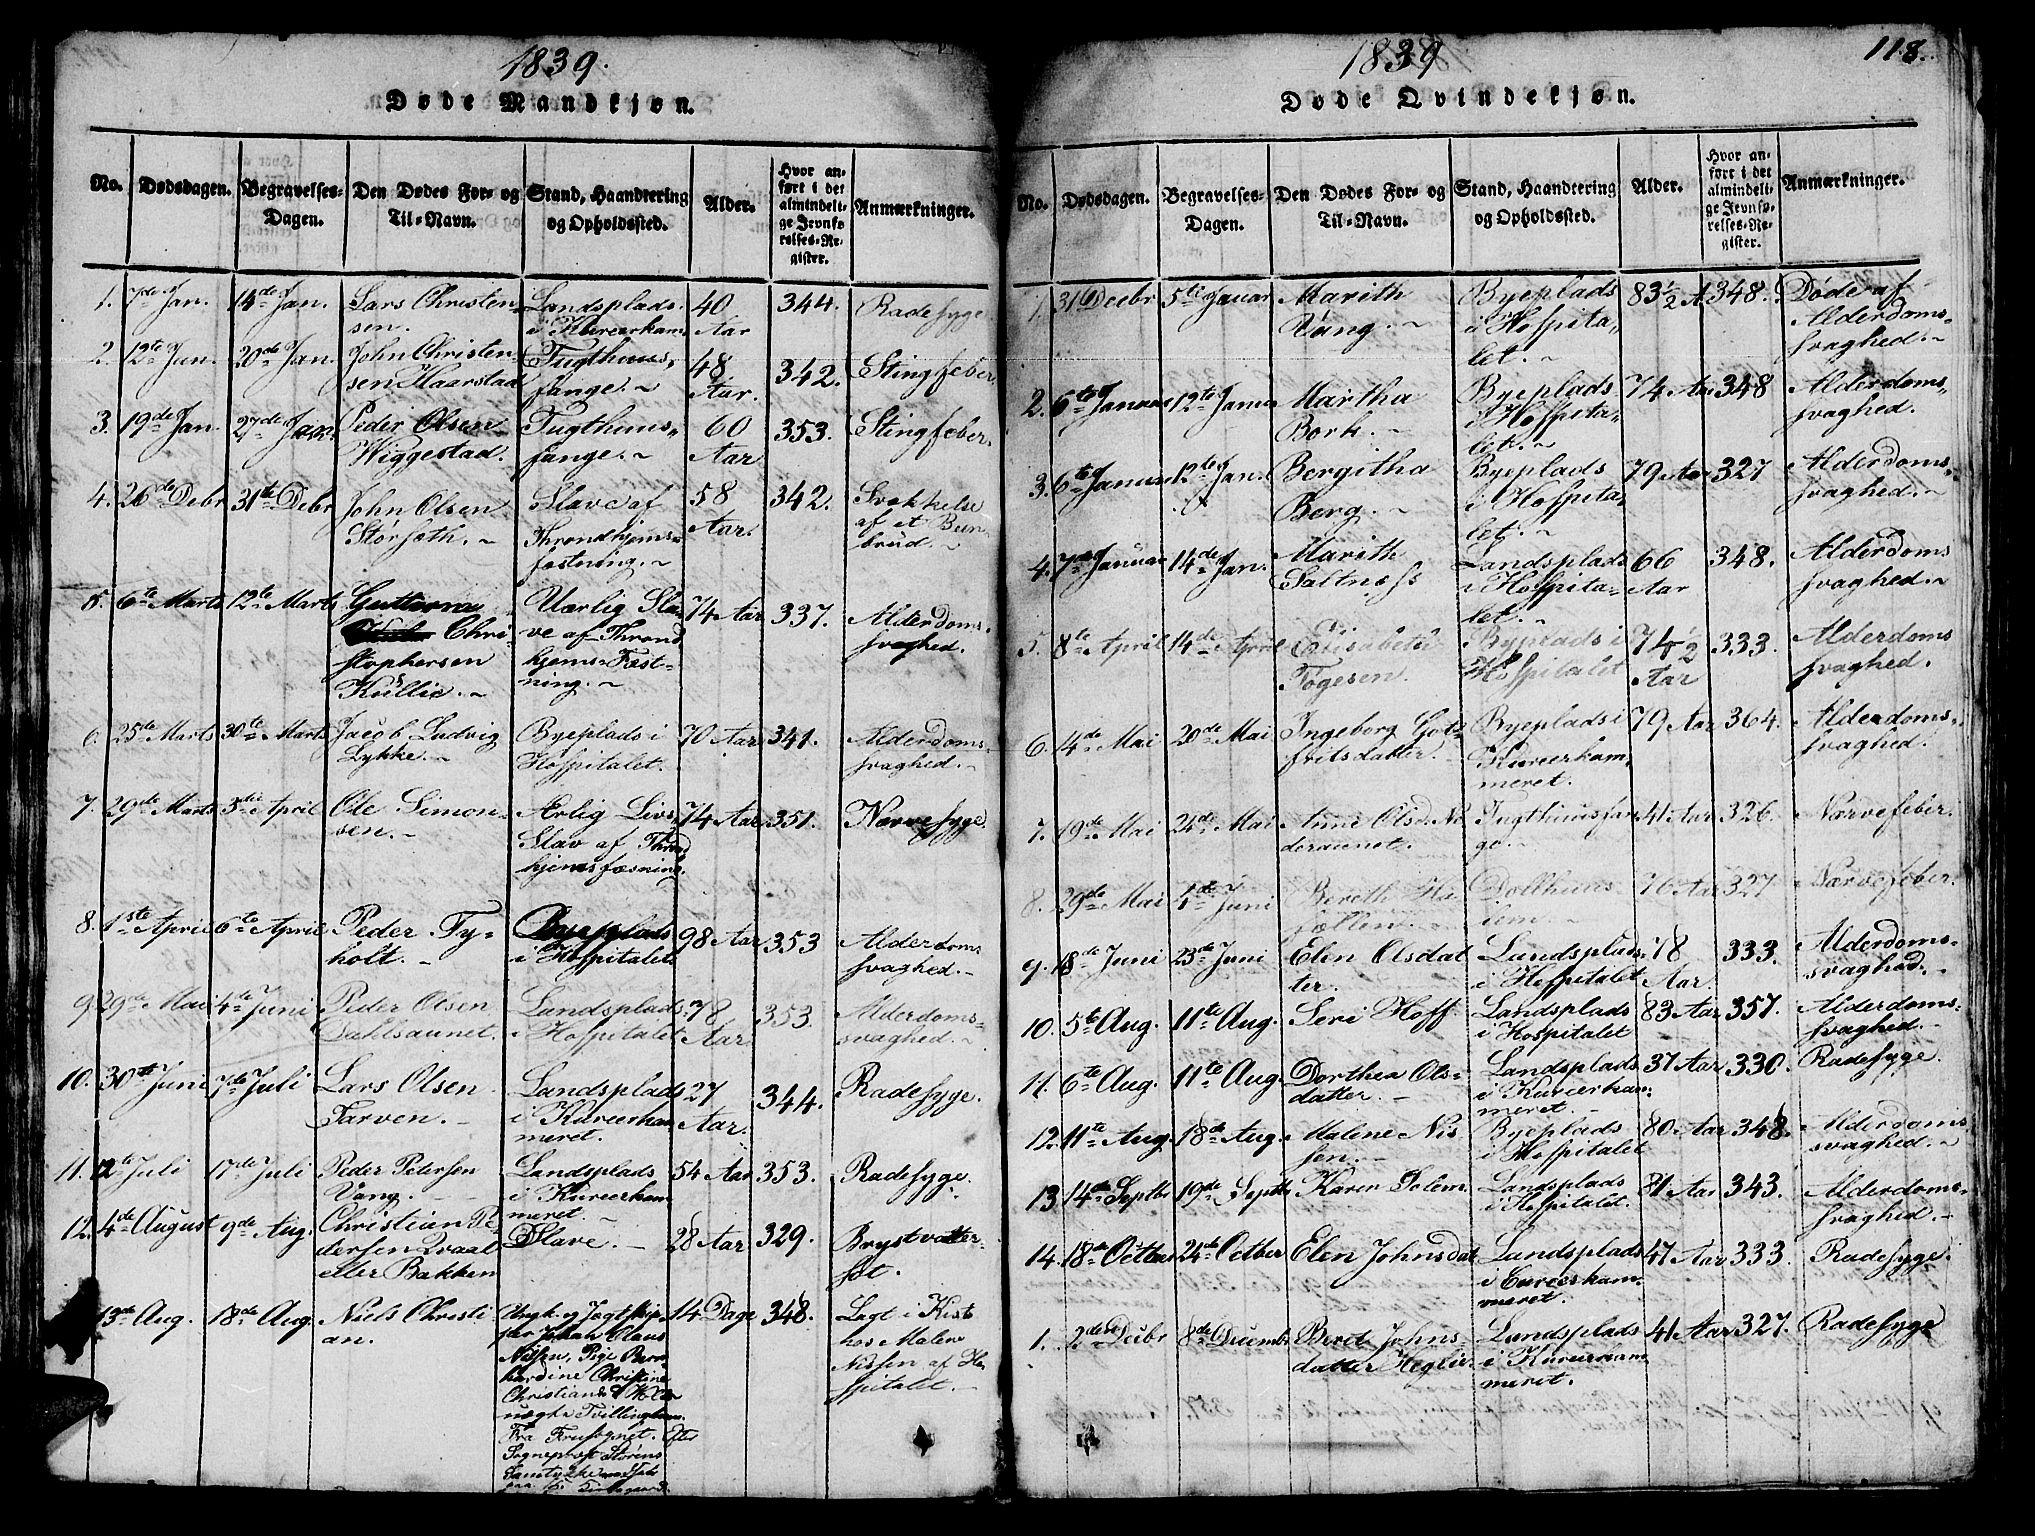 SAT, Ministerialprotokoller, klokkerbøker og fødselsregistre - Sør-Trøndelag, 623/L0478: Klokkerbok nr. 623C01, 1815-1873, s. 118